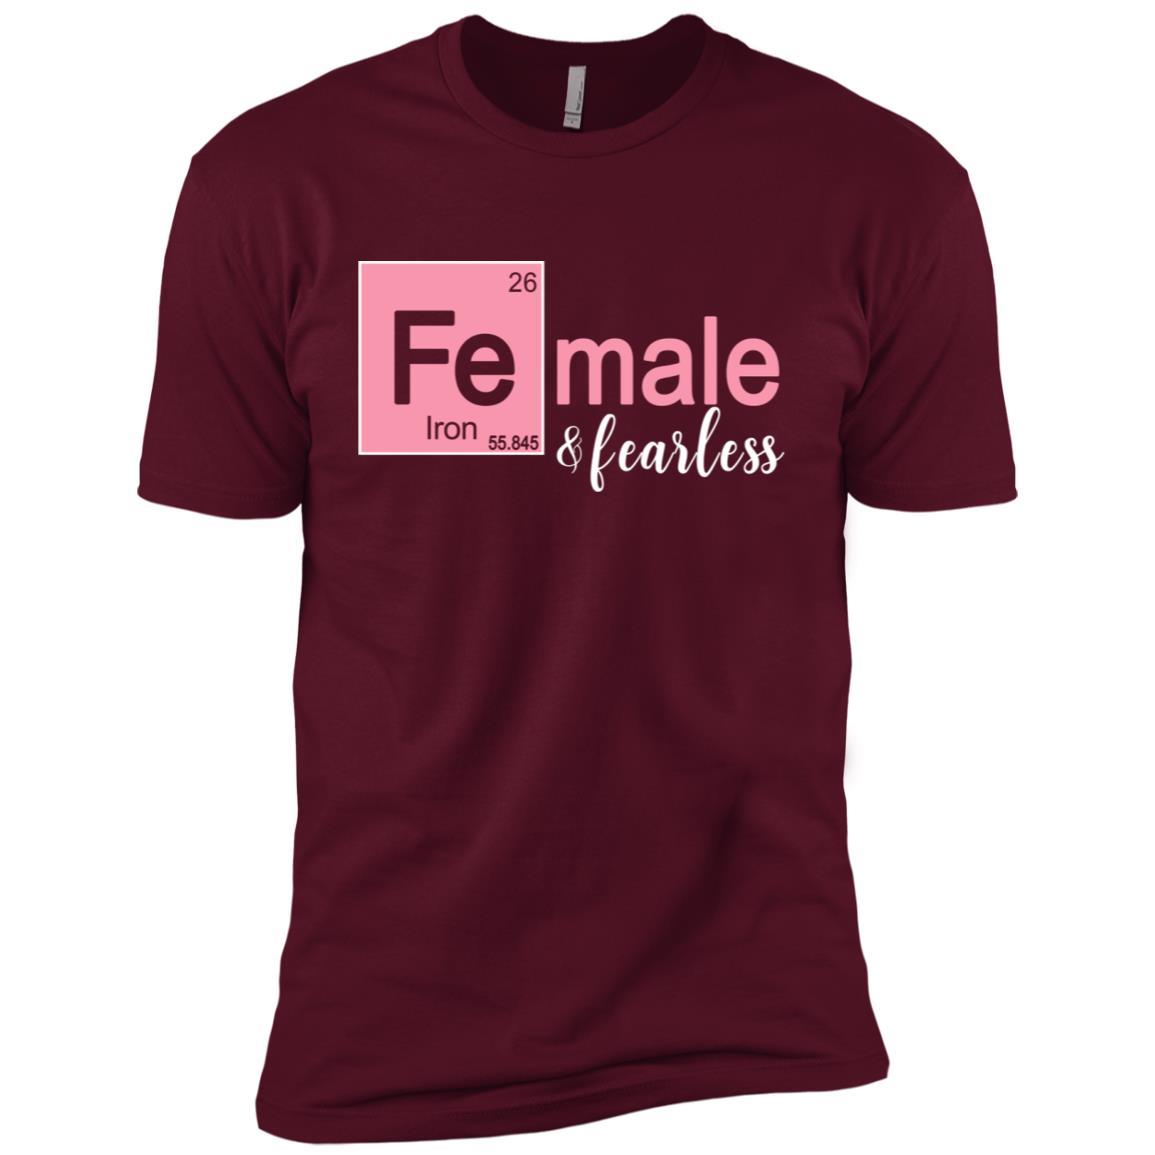 Female & Fearless Funny Stem Tee for Women & Girls Men Short Sleeve T-Shirt